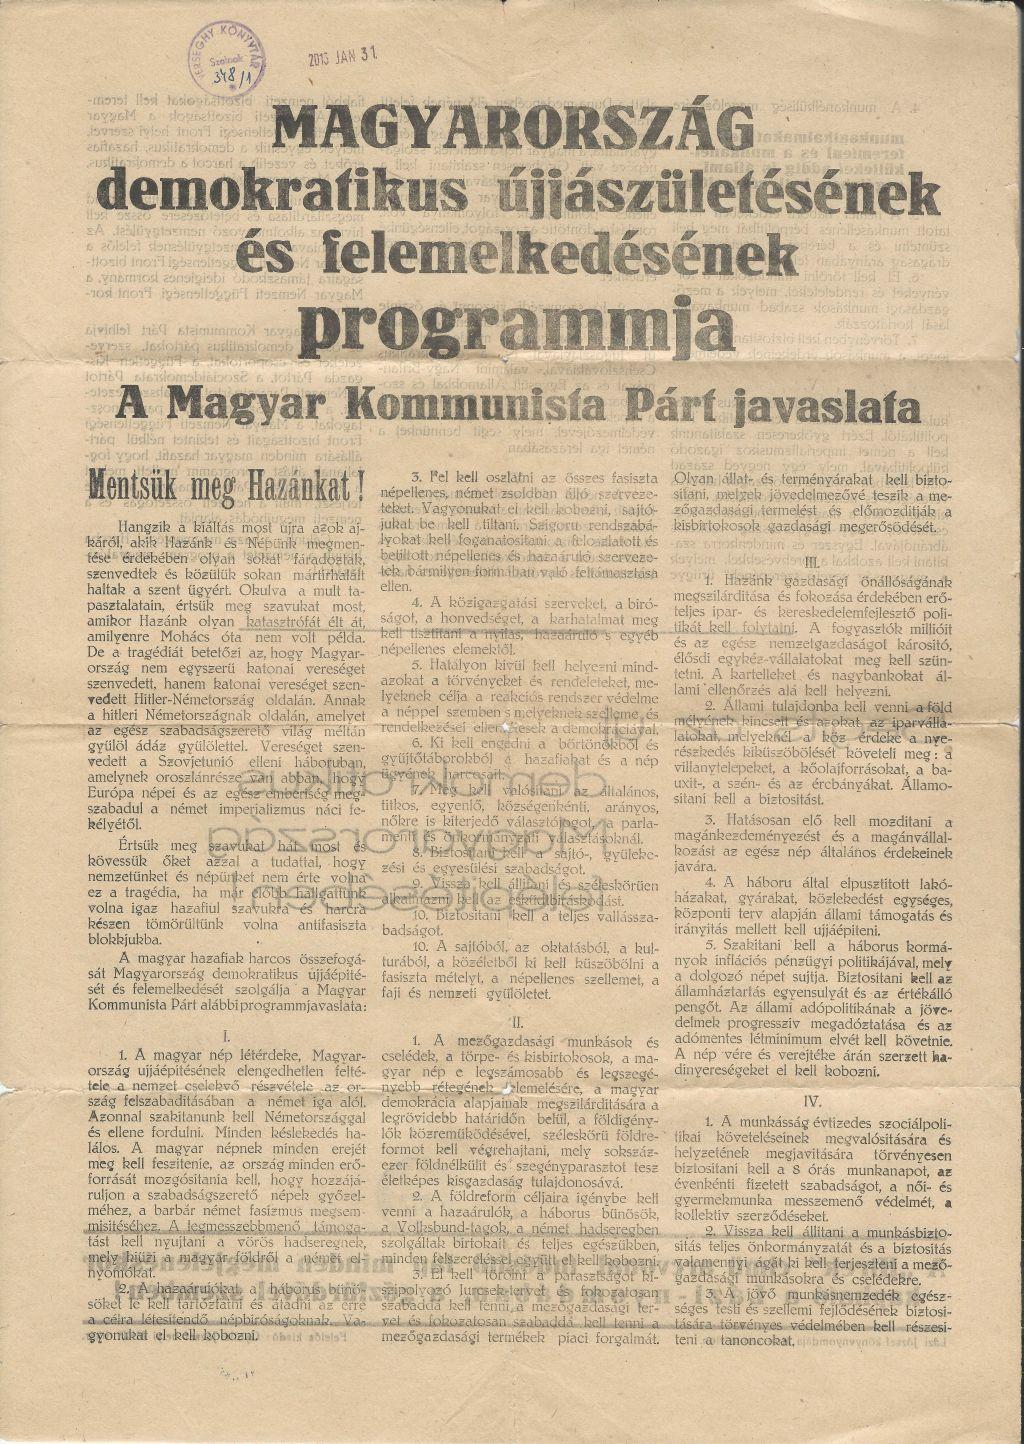 Magyarország demokratikus újjászületésének és felemelkedésének programja. Az MKP javaslata